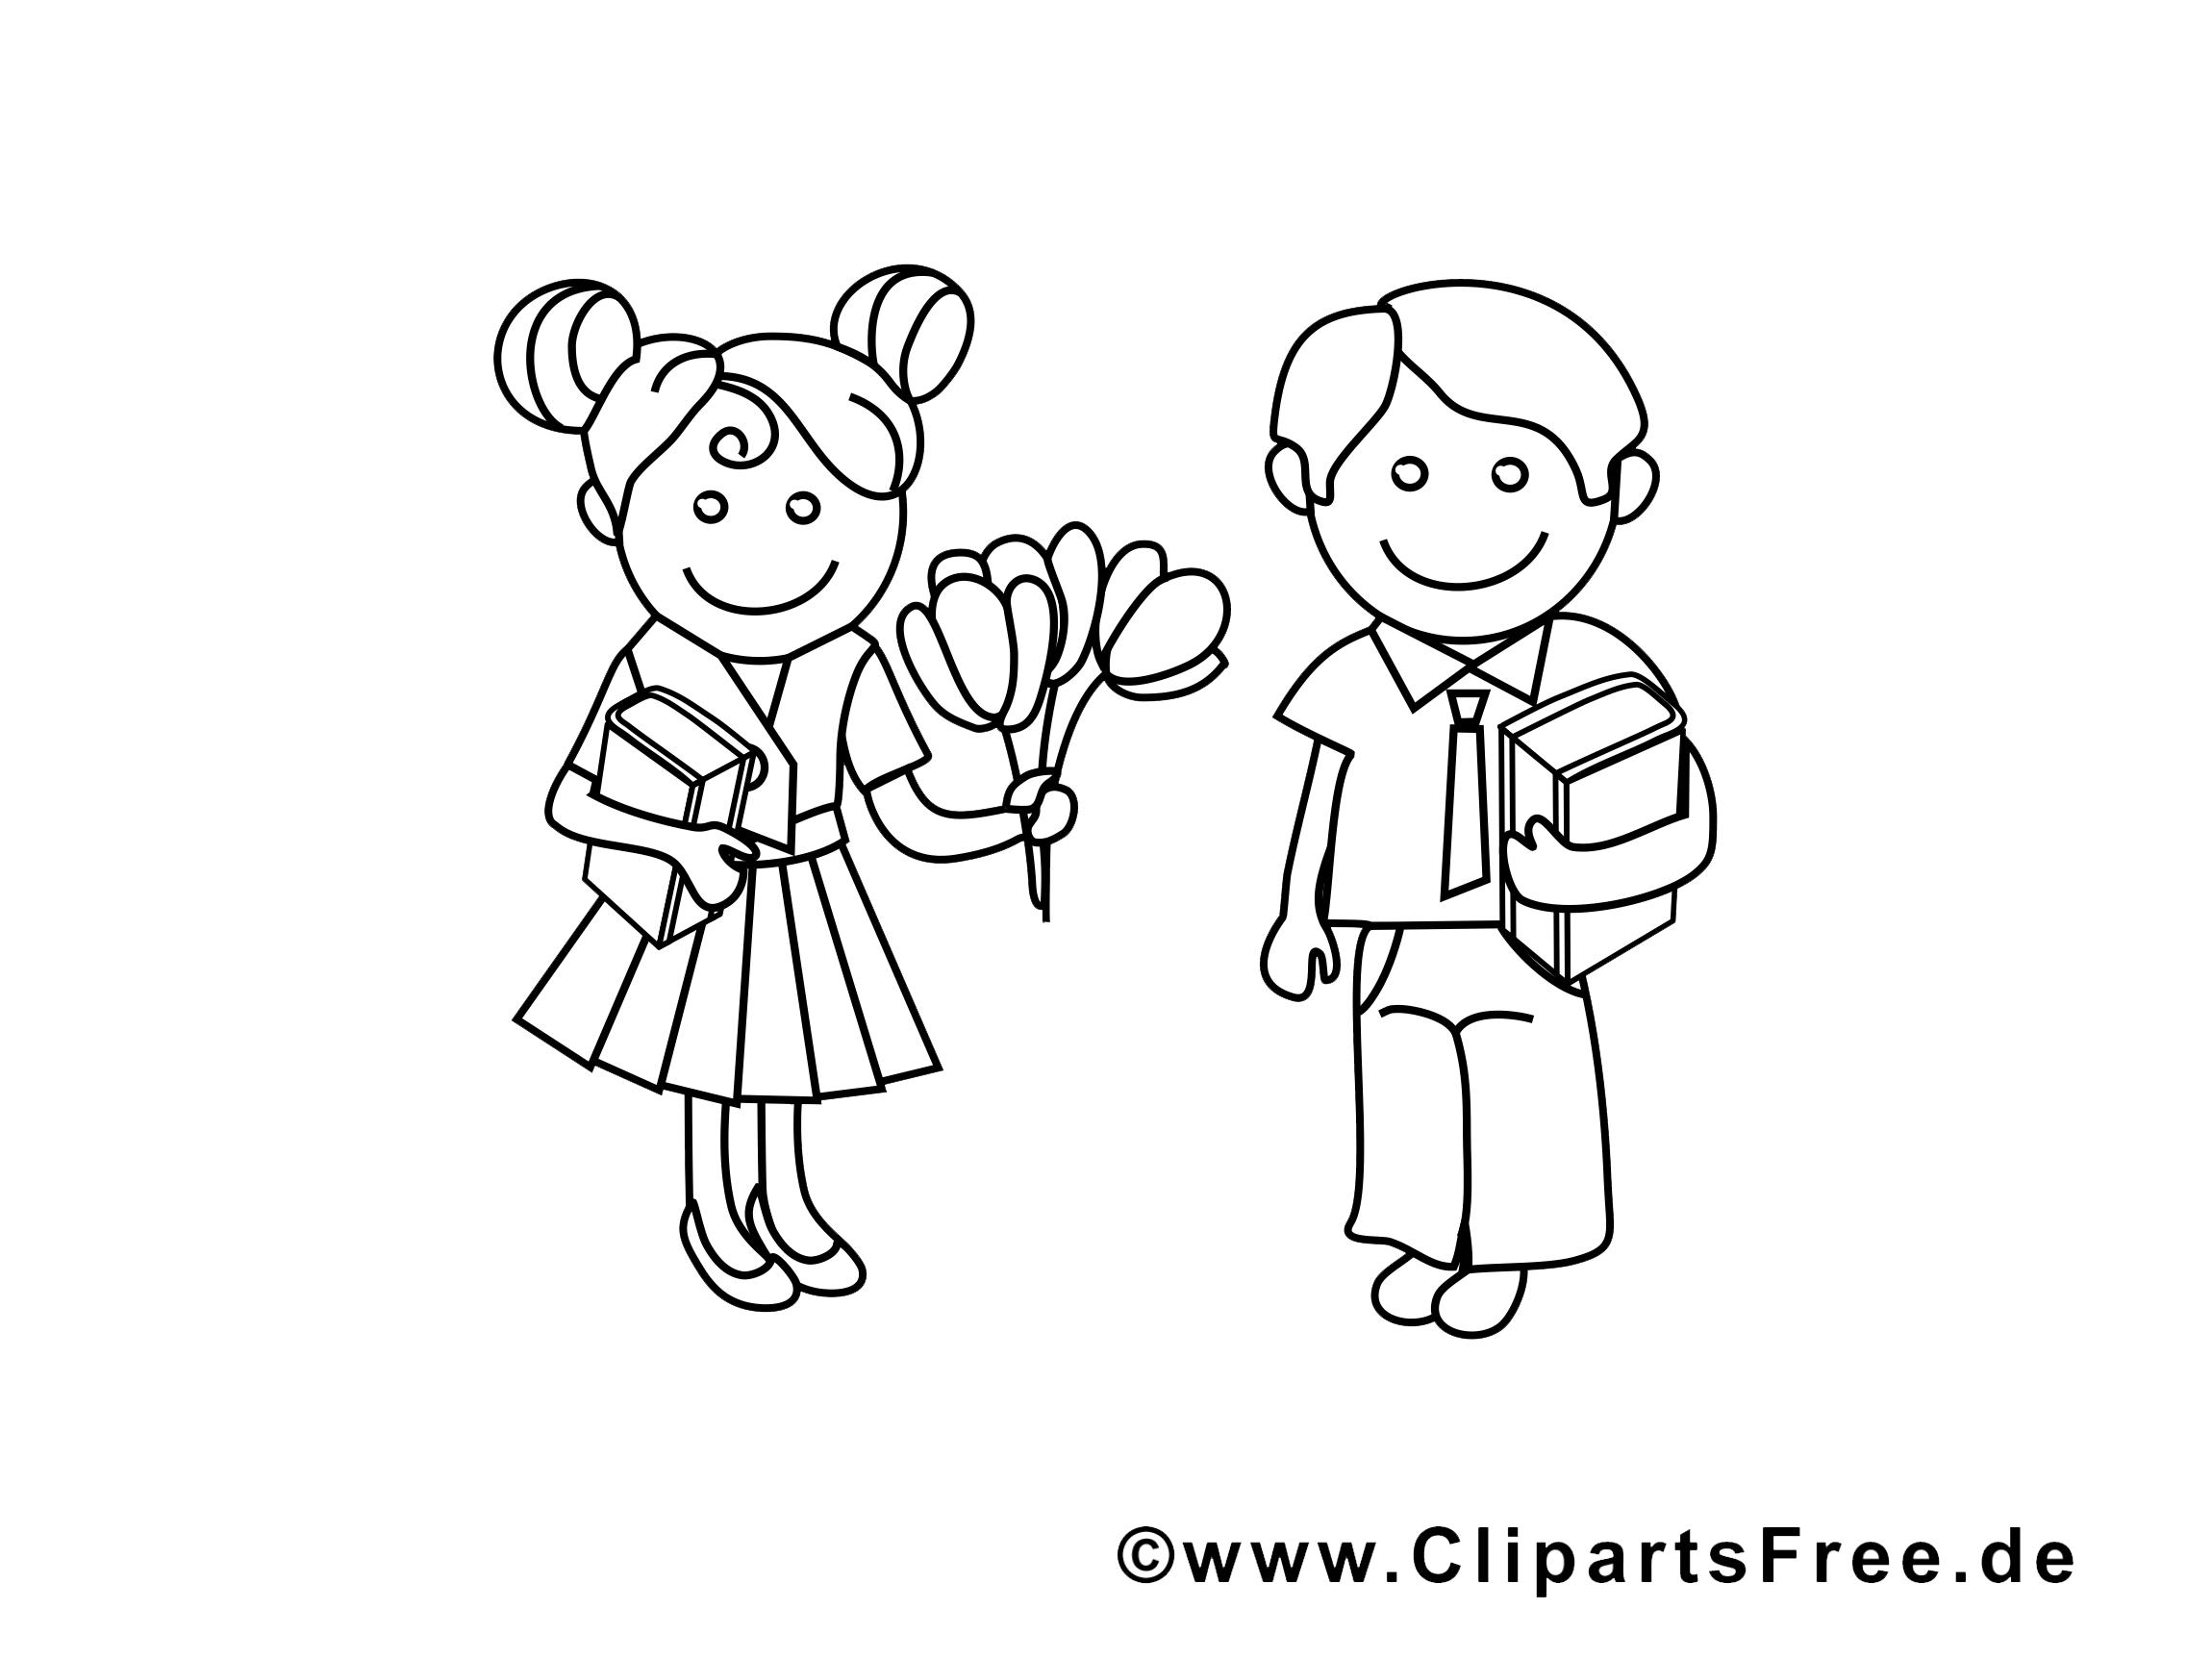 Coloriage enfants cole dessins gratuits cole dessin - Coloriage enfants gratuit ...